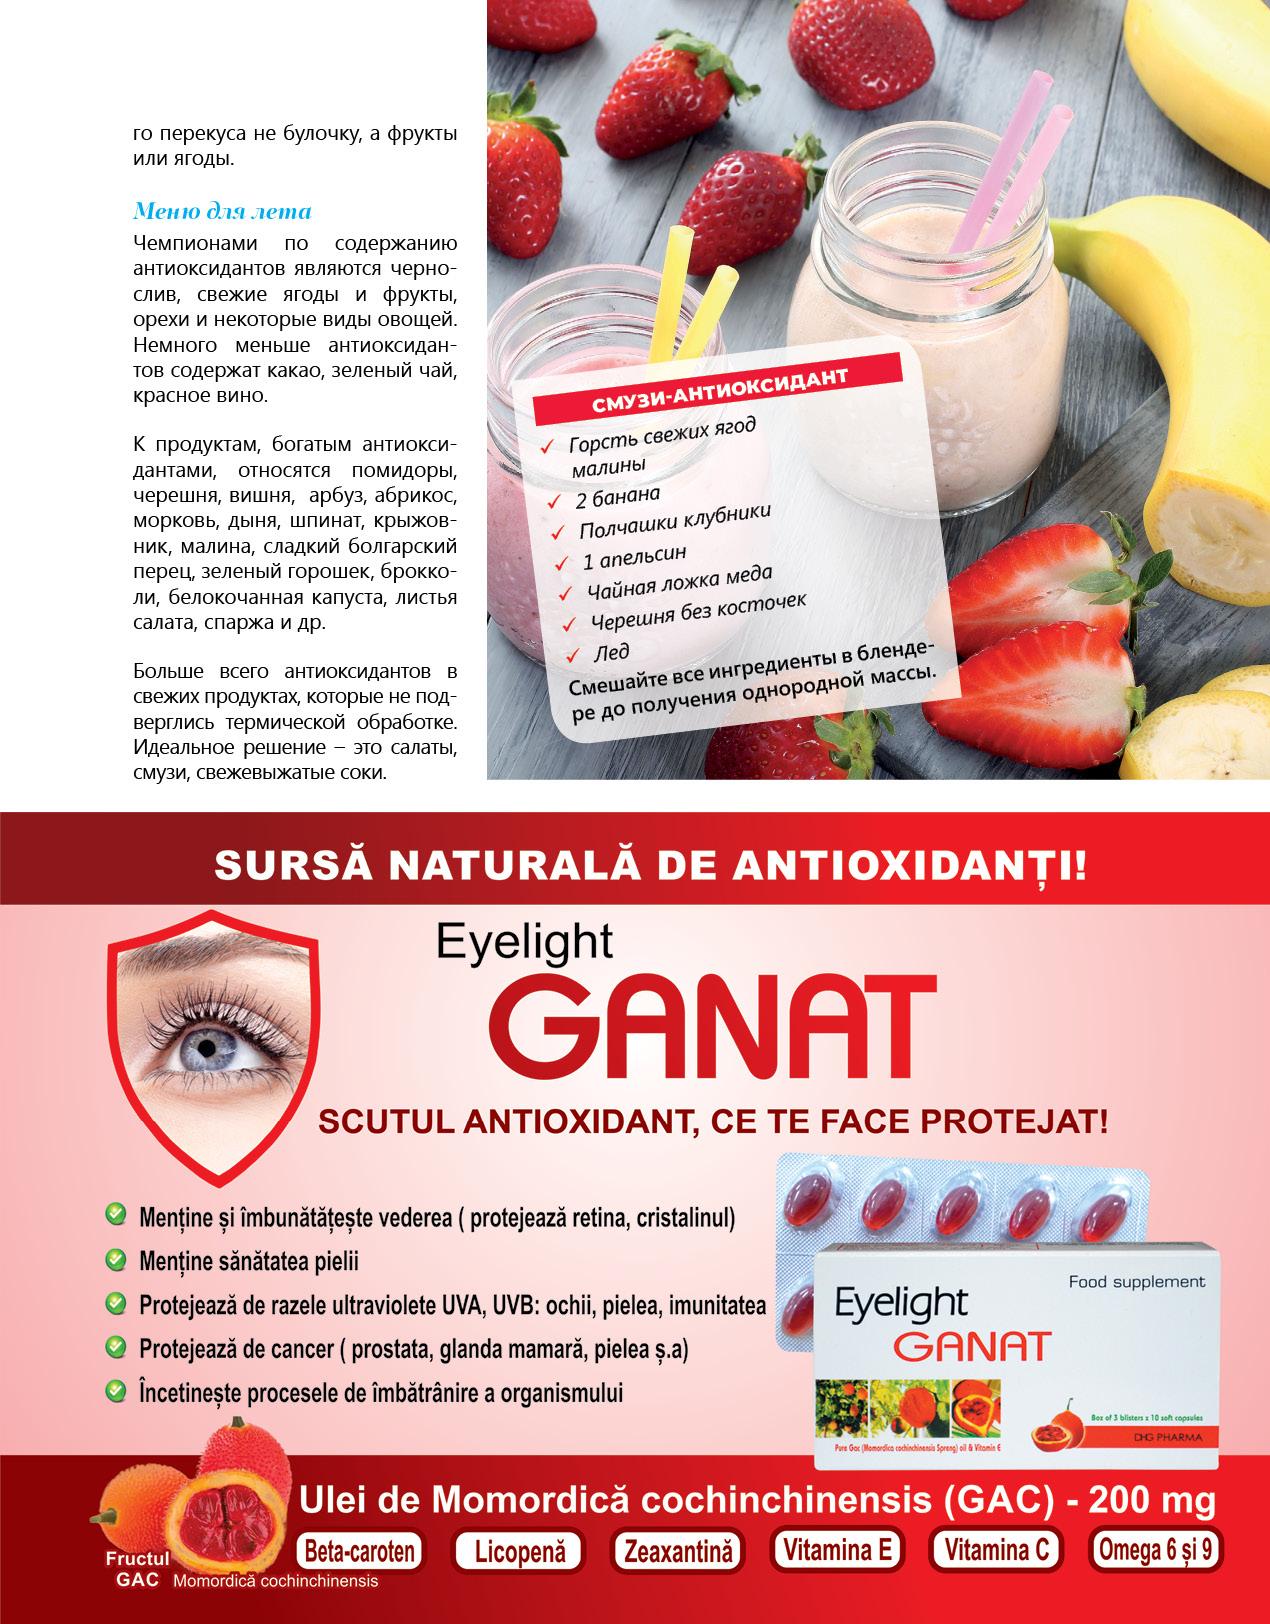 piracetamul îmbunătățește vederea